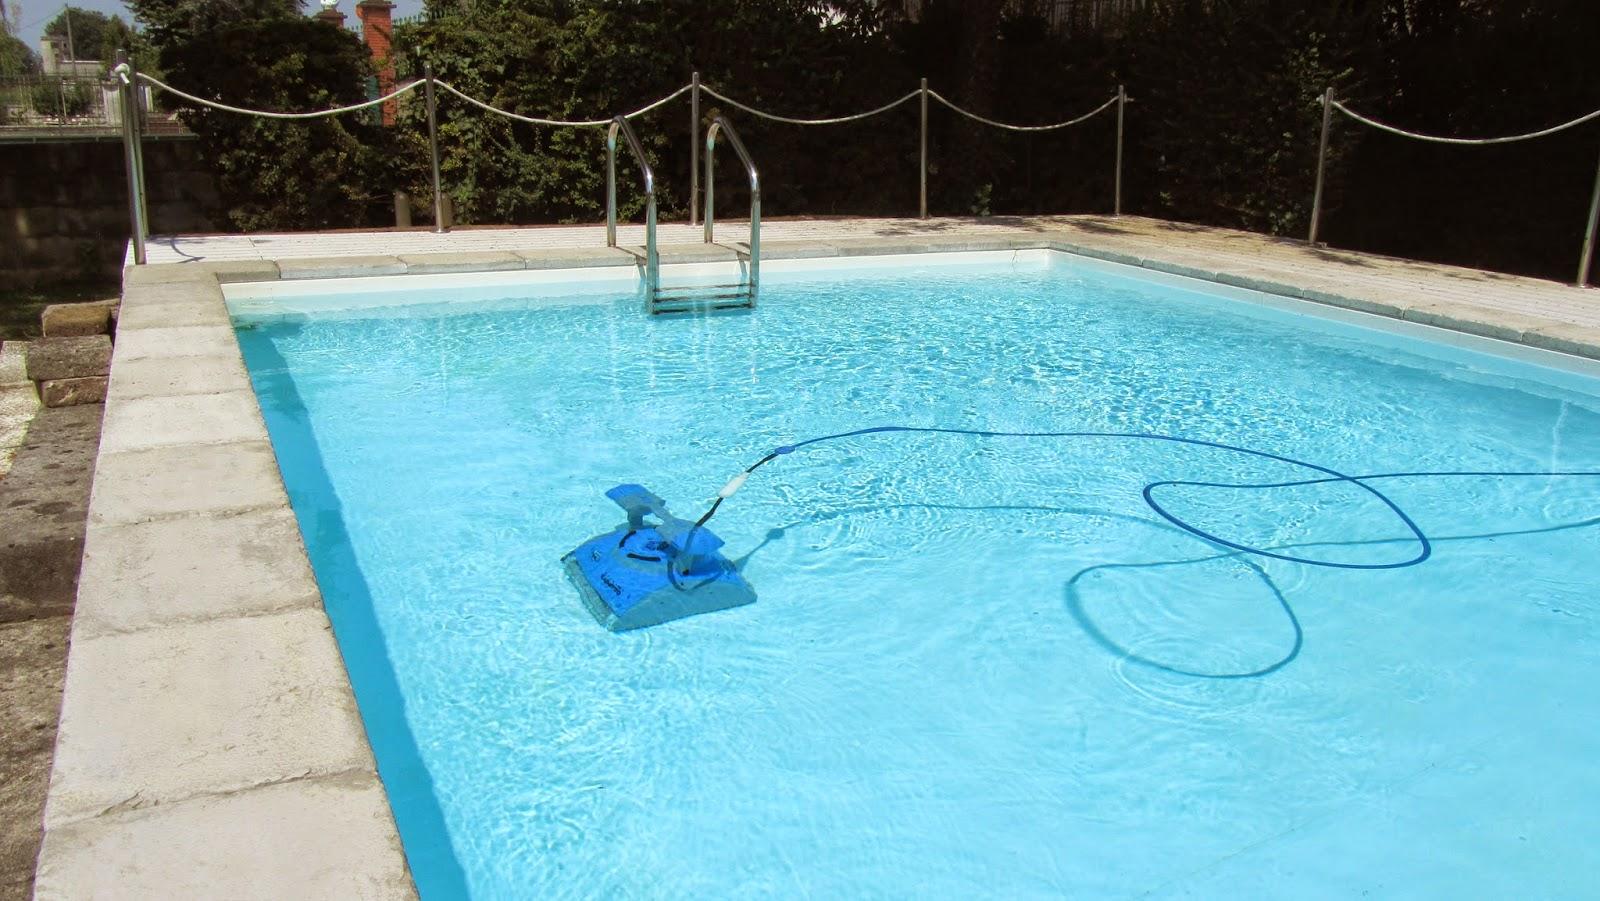 Pulizia del fondo senza fatica piscine laghetto news blog - Aspiratore per piscina ...